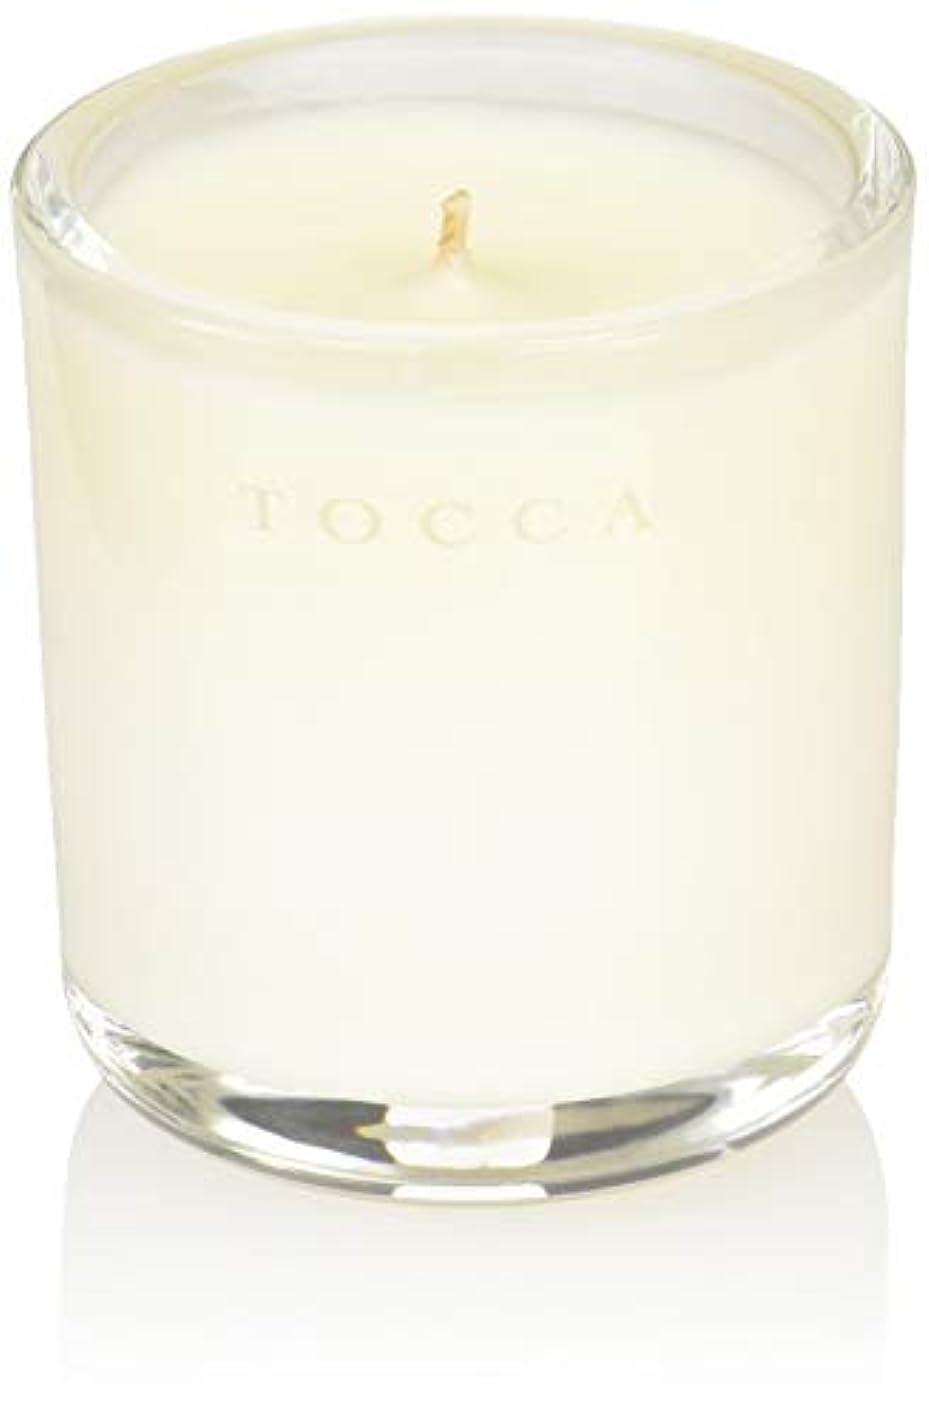 竜巻有毒な保険をかけるTOCCA(トッカ) ボヤージュ キャンデリーナ カプリ 85g (ろうそく 芳香 柑橘とメロンの魅惑なシトラスな香り)